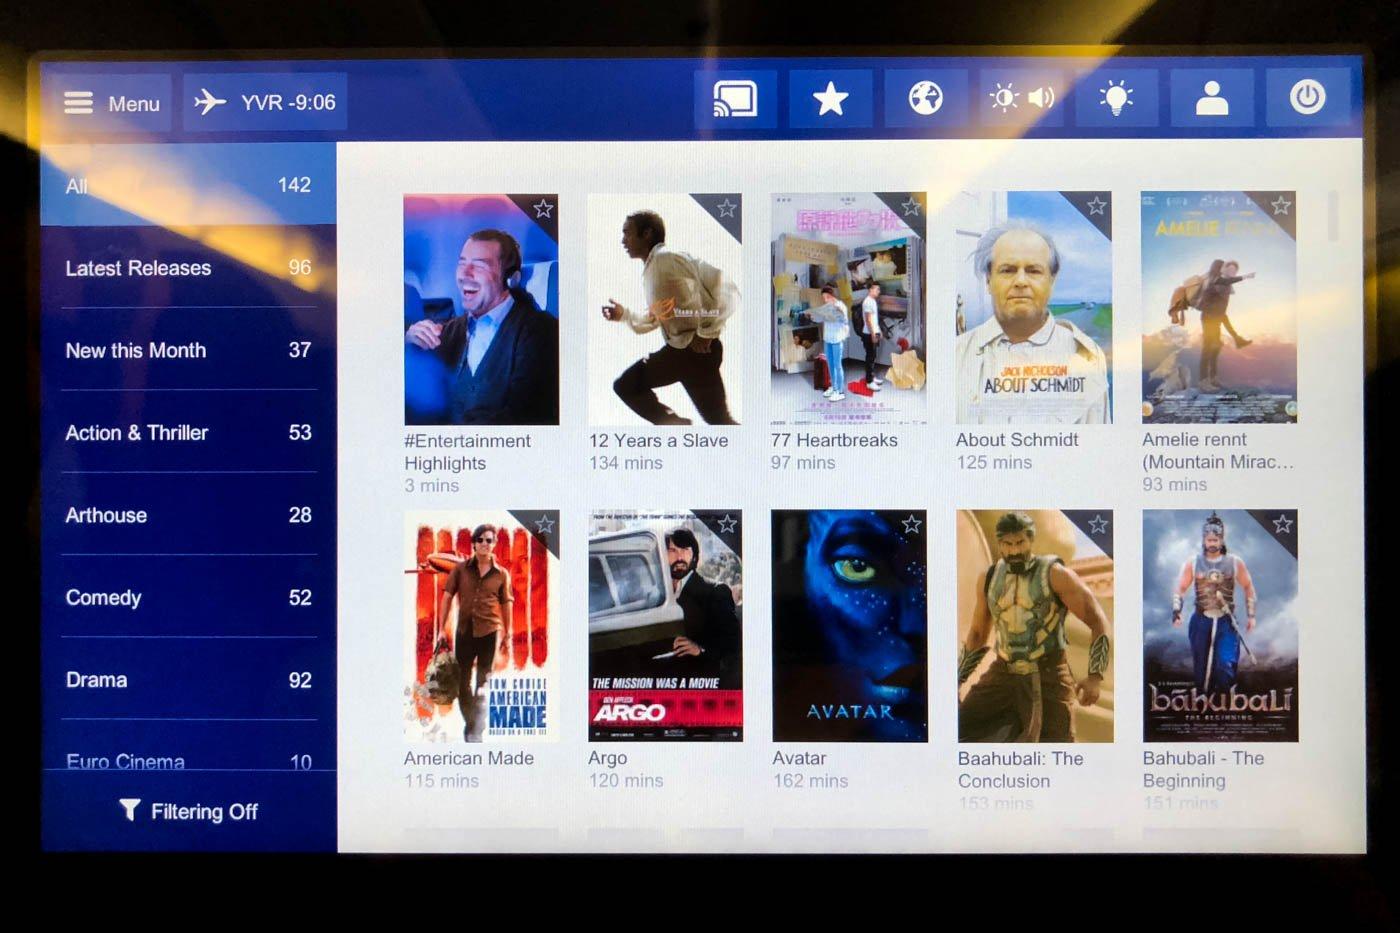 Lufthansa Movies